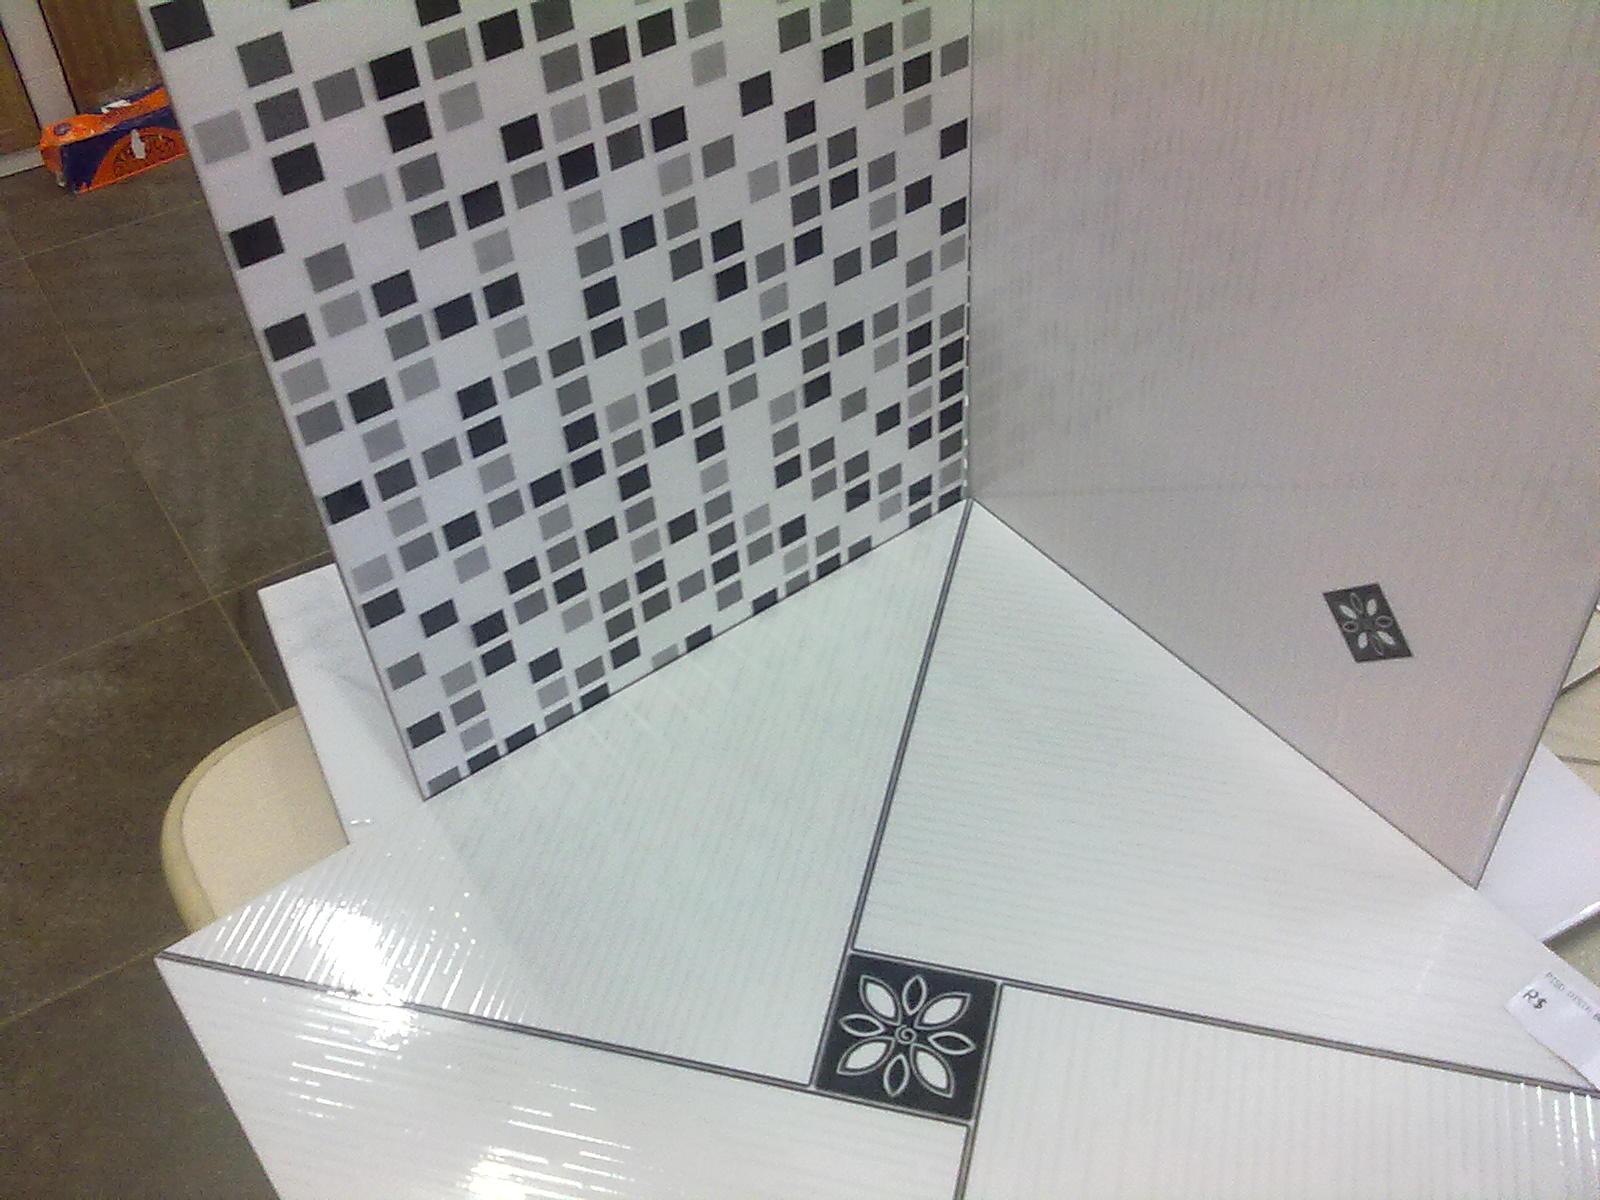 Adilson Simone e Lilica em construção!!!: Revestimentos de parede #7A6C51 1600x1200 Banheiro Com Azulejo Que Imita Pastilha